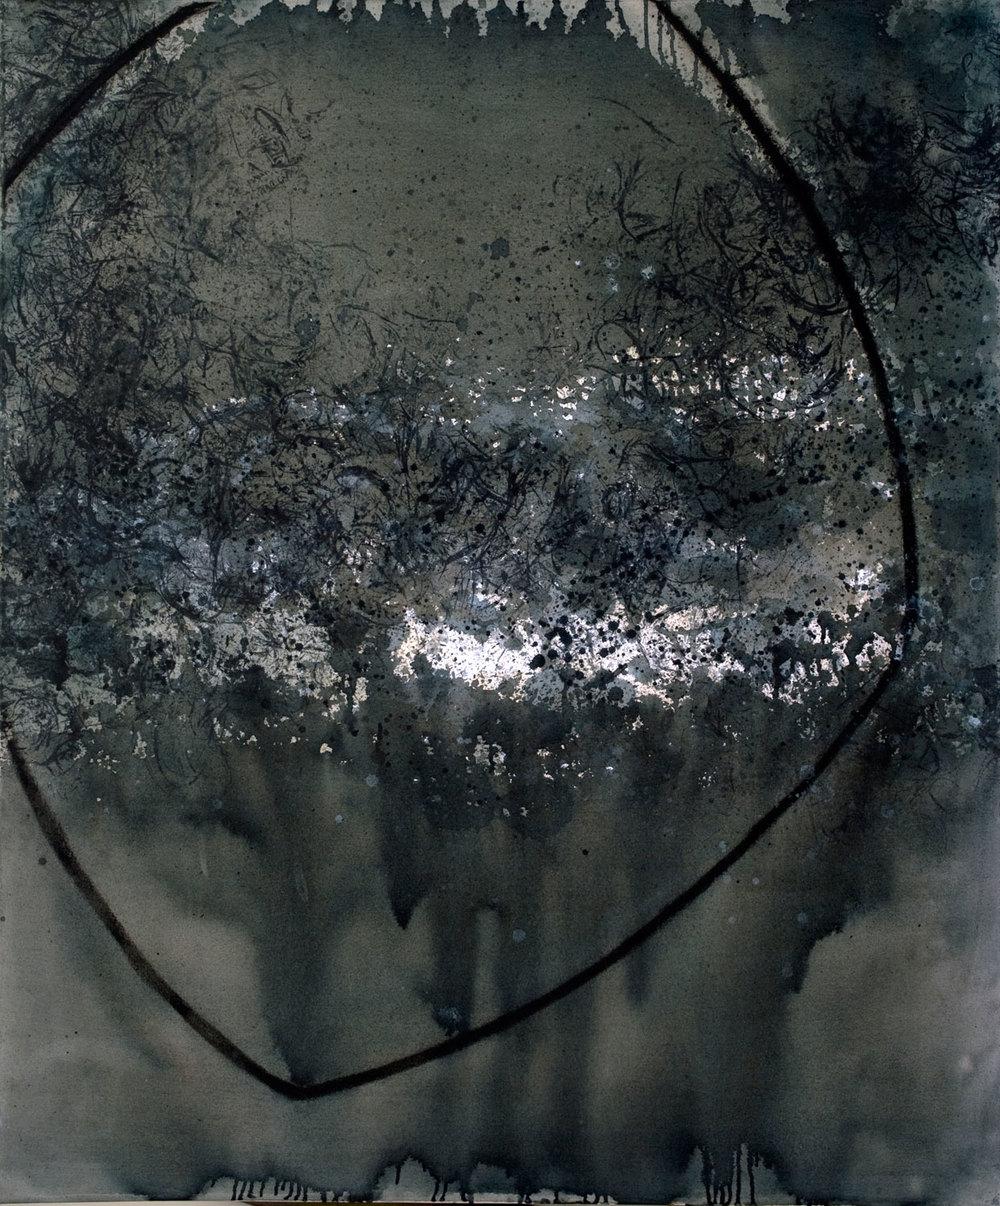 DE-712_jardin acrylique sur toile 122x101 cm